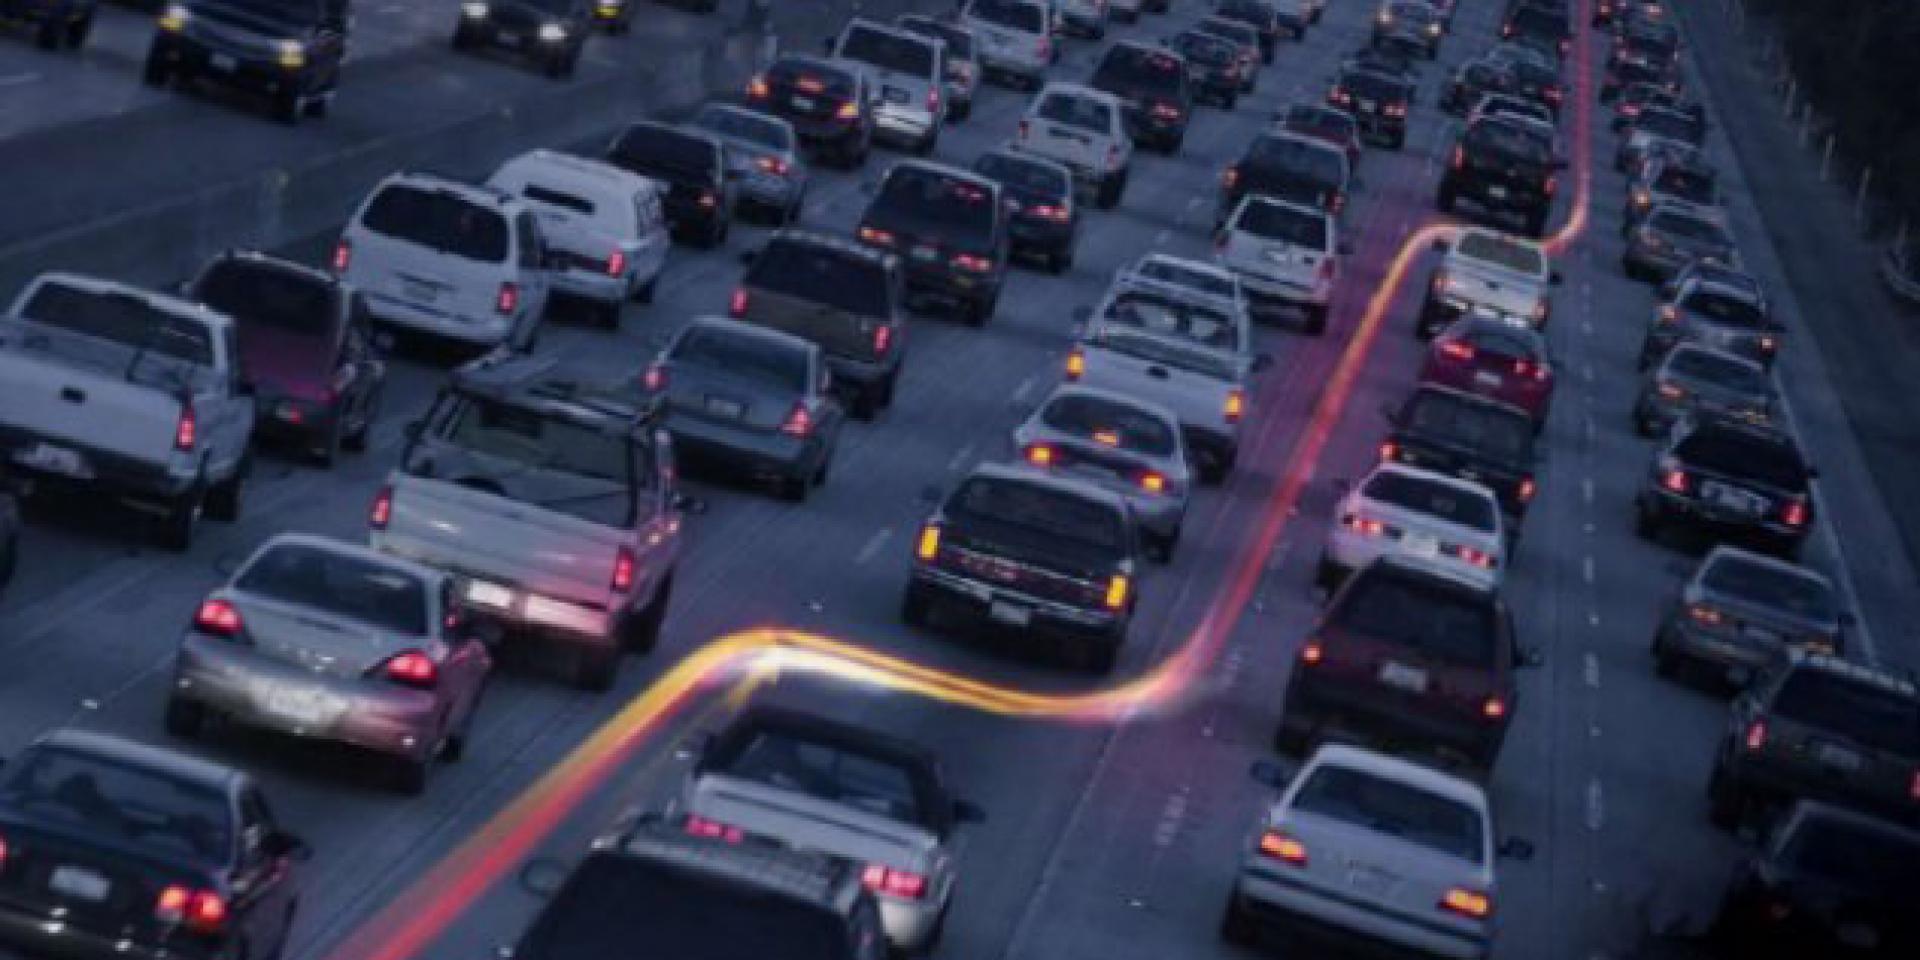 合法車道分割,人家這樣做 - 加州公路警察:請留一些空間讓摩托車在車道間行駛。